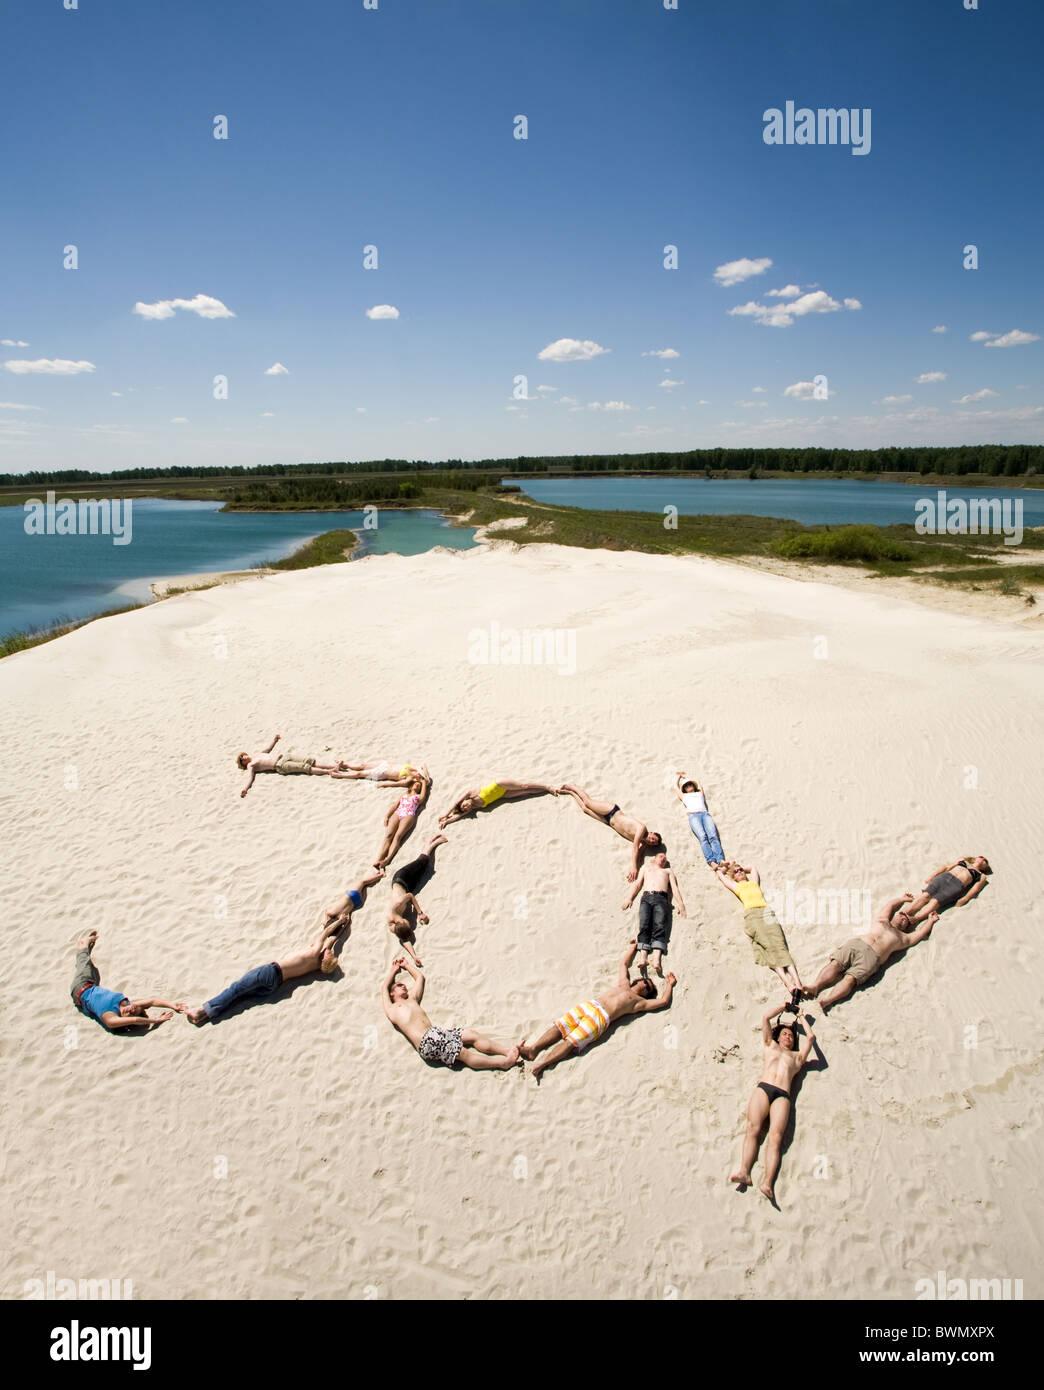 Bild der Wort-Freude, bestehend aus jungen Menschen Sonnenbaden mit Meer und Himmel im Hintergrund Stockbild